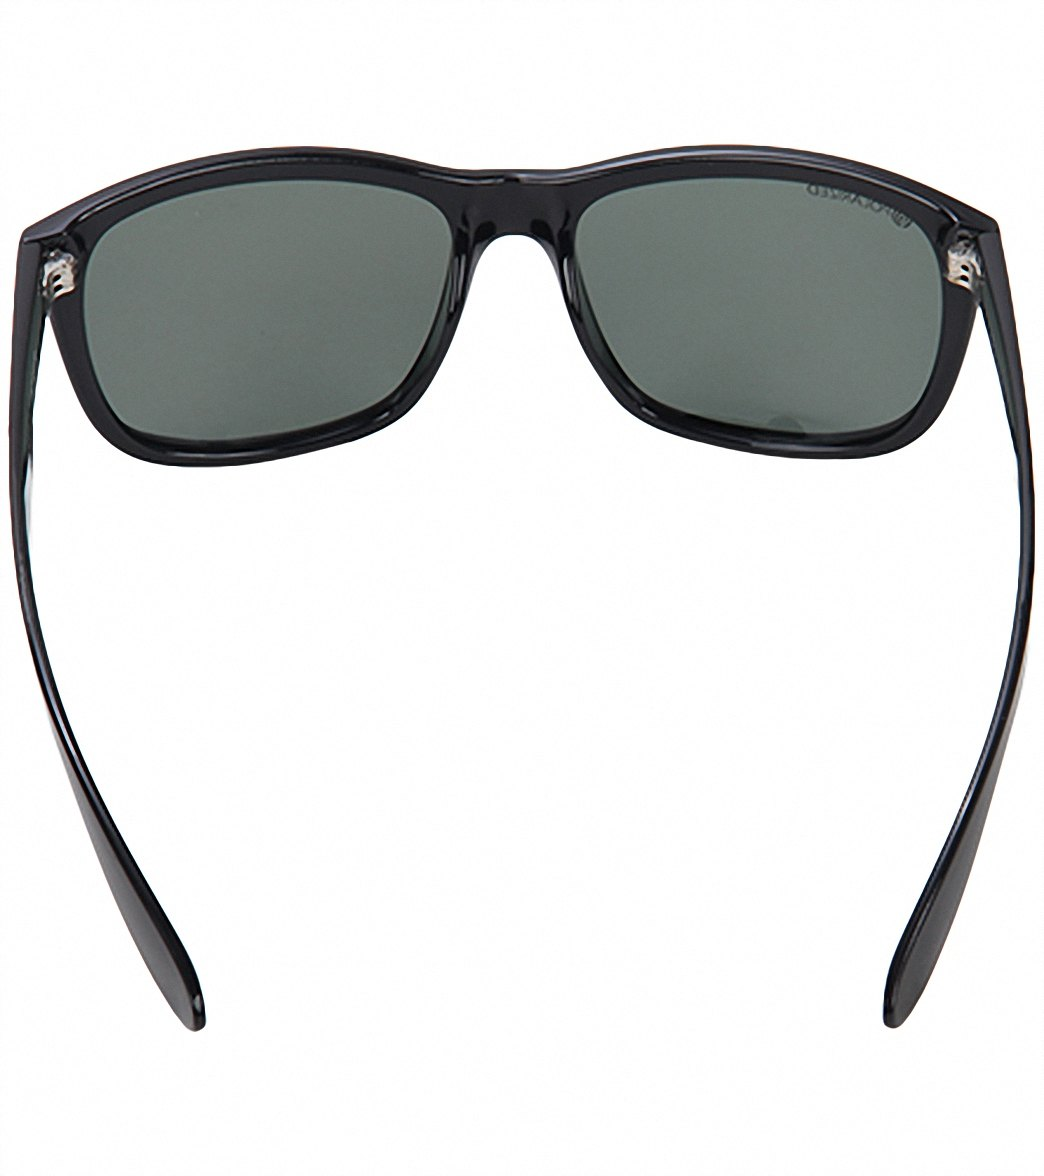 4d992d5189 Dot Dash Poseur Polarized Sunglasses at SwimOutlet.com